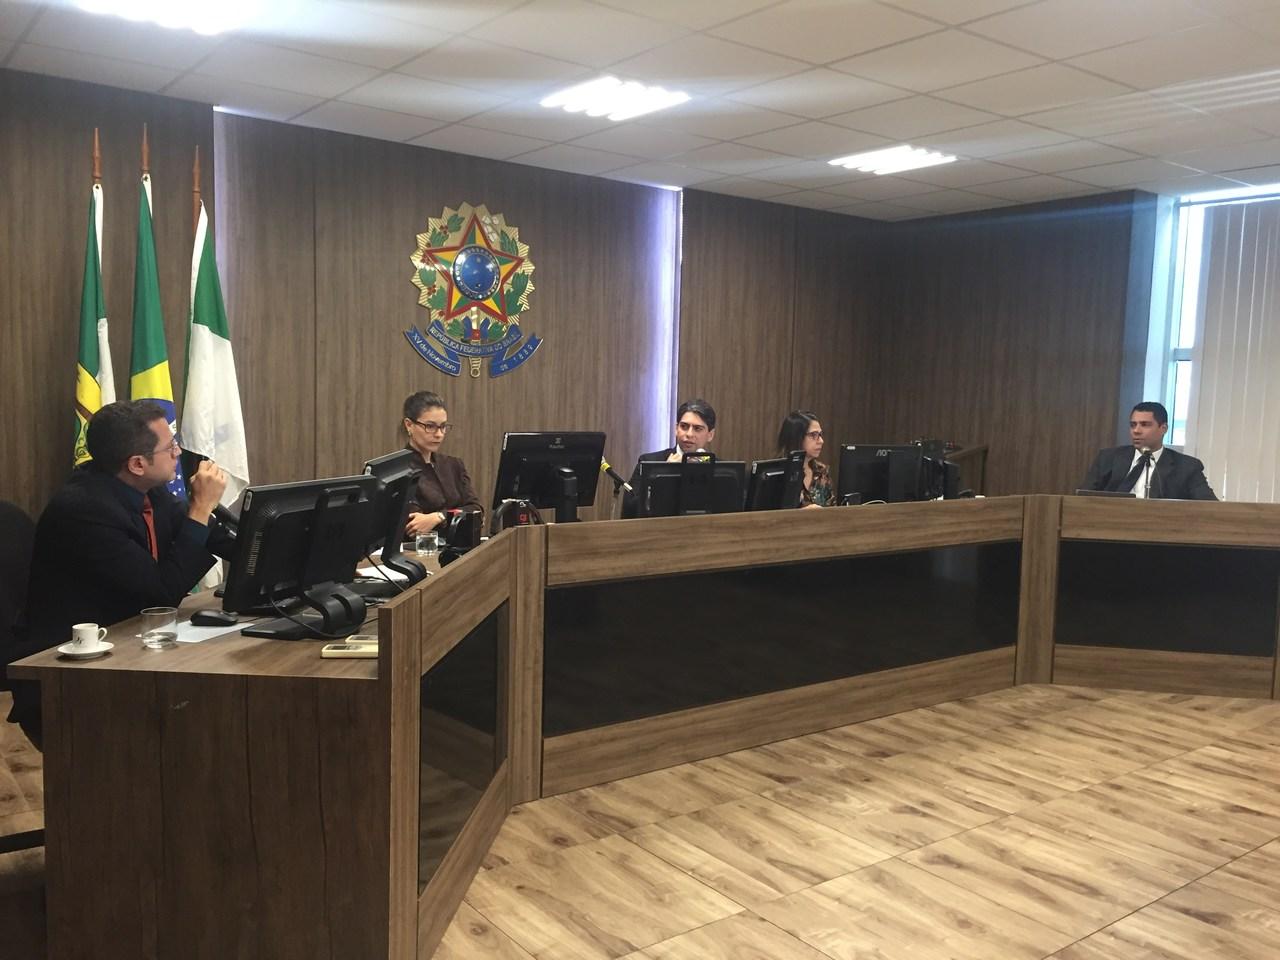 Mossoró sediará sessão da Turma Recursal da JFRN no dia 9 de maio